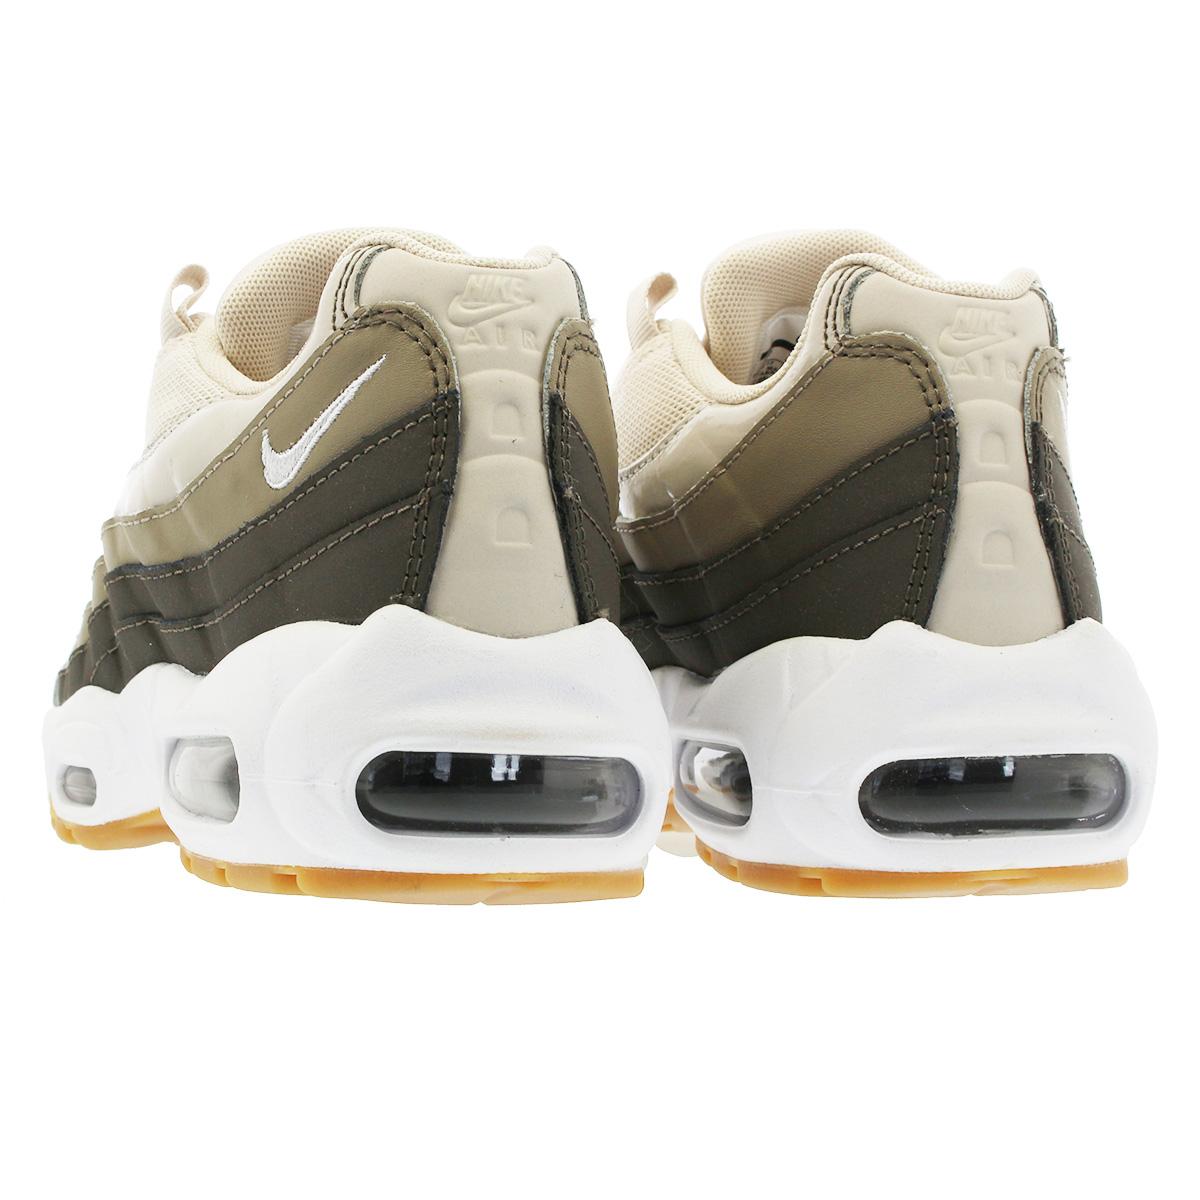 2d9466ca38 ... NIKE WMNS AIR MAX 95 Nike women Air Max 95 DESERT SAND/MOON PARTICLE  SEPIA ...